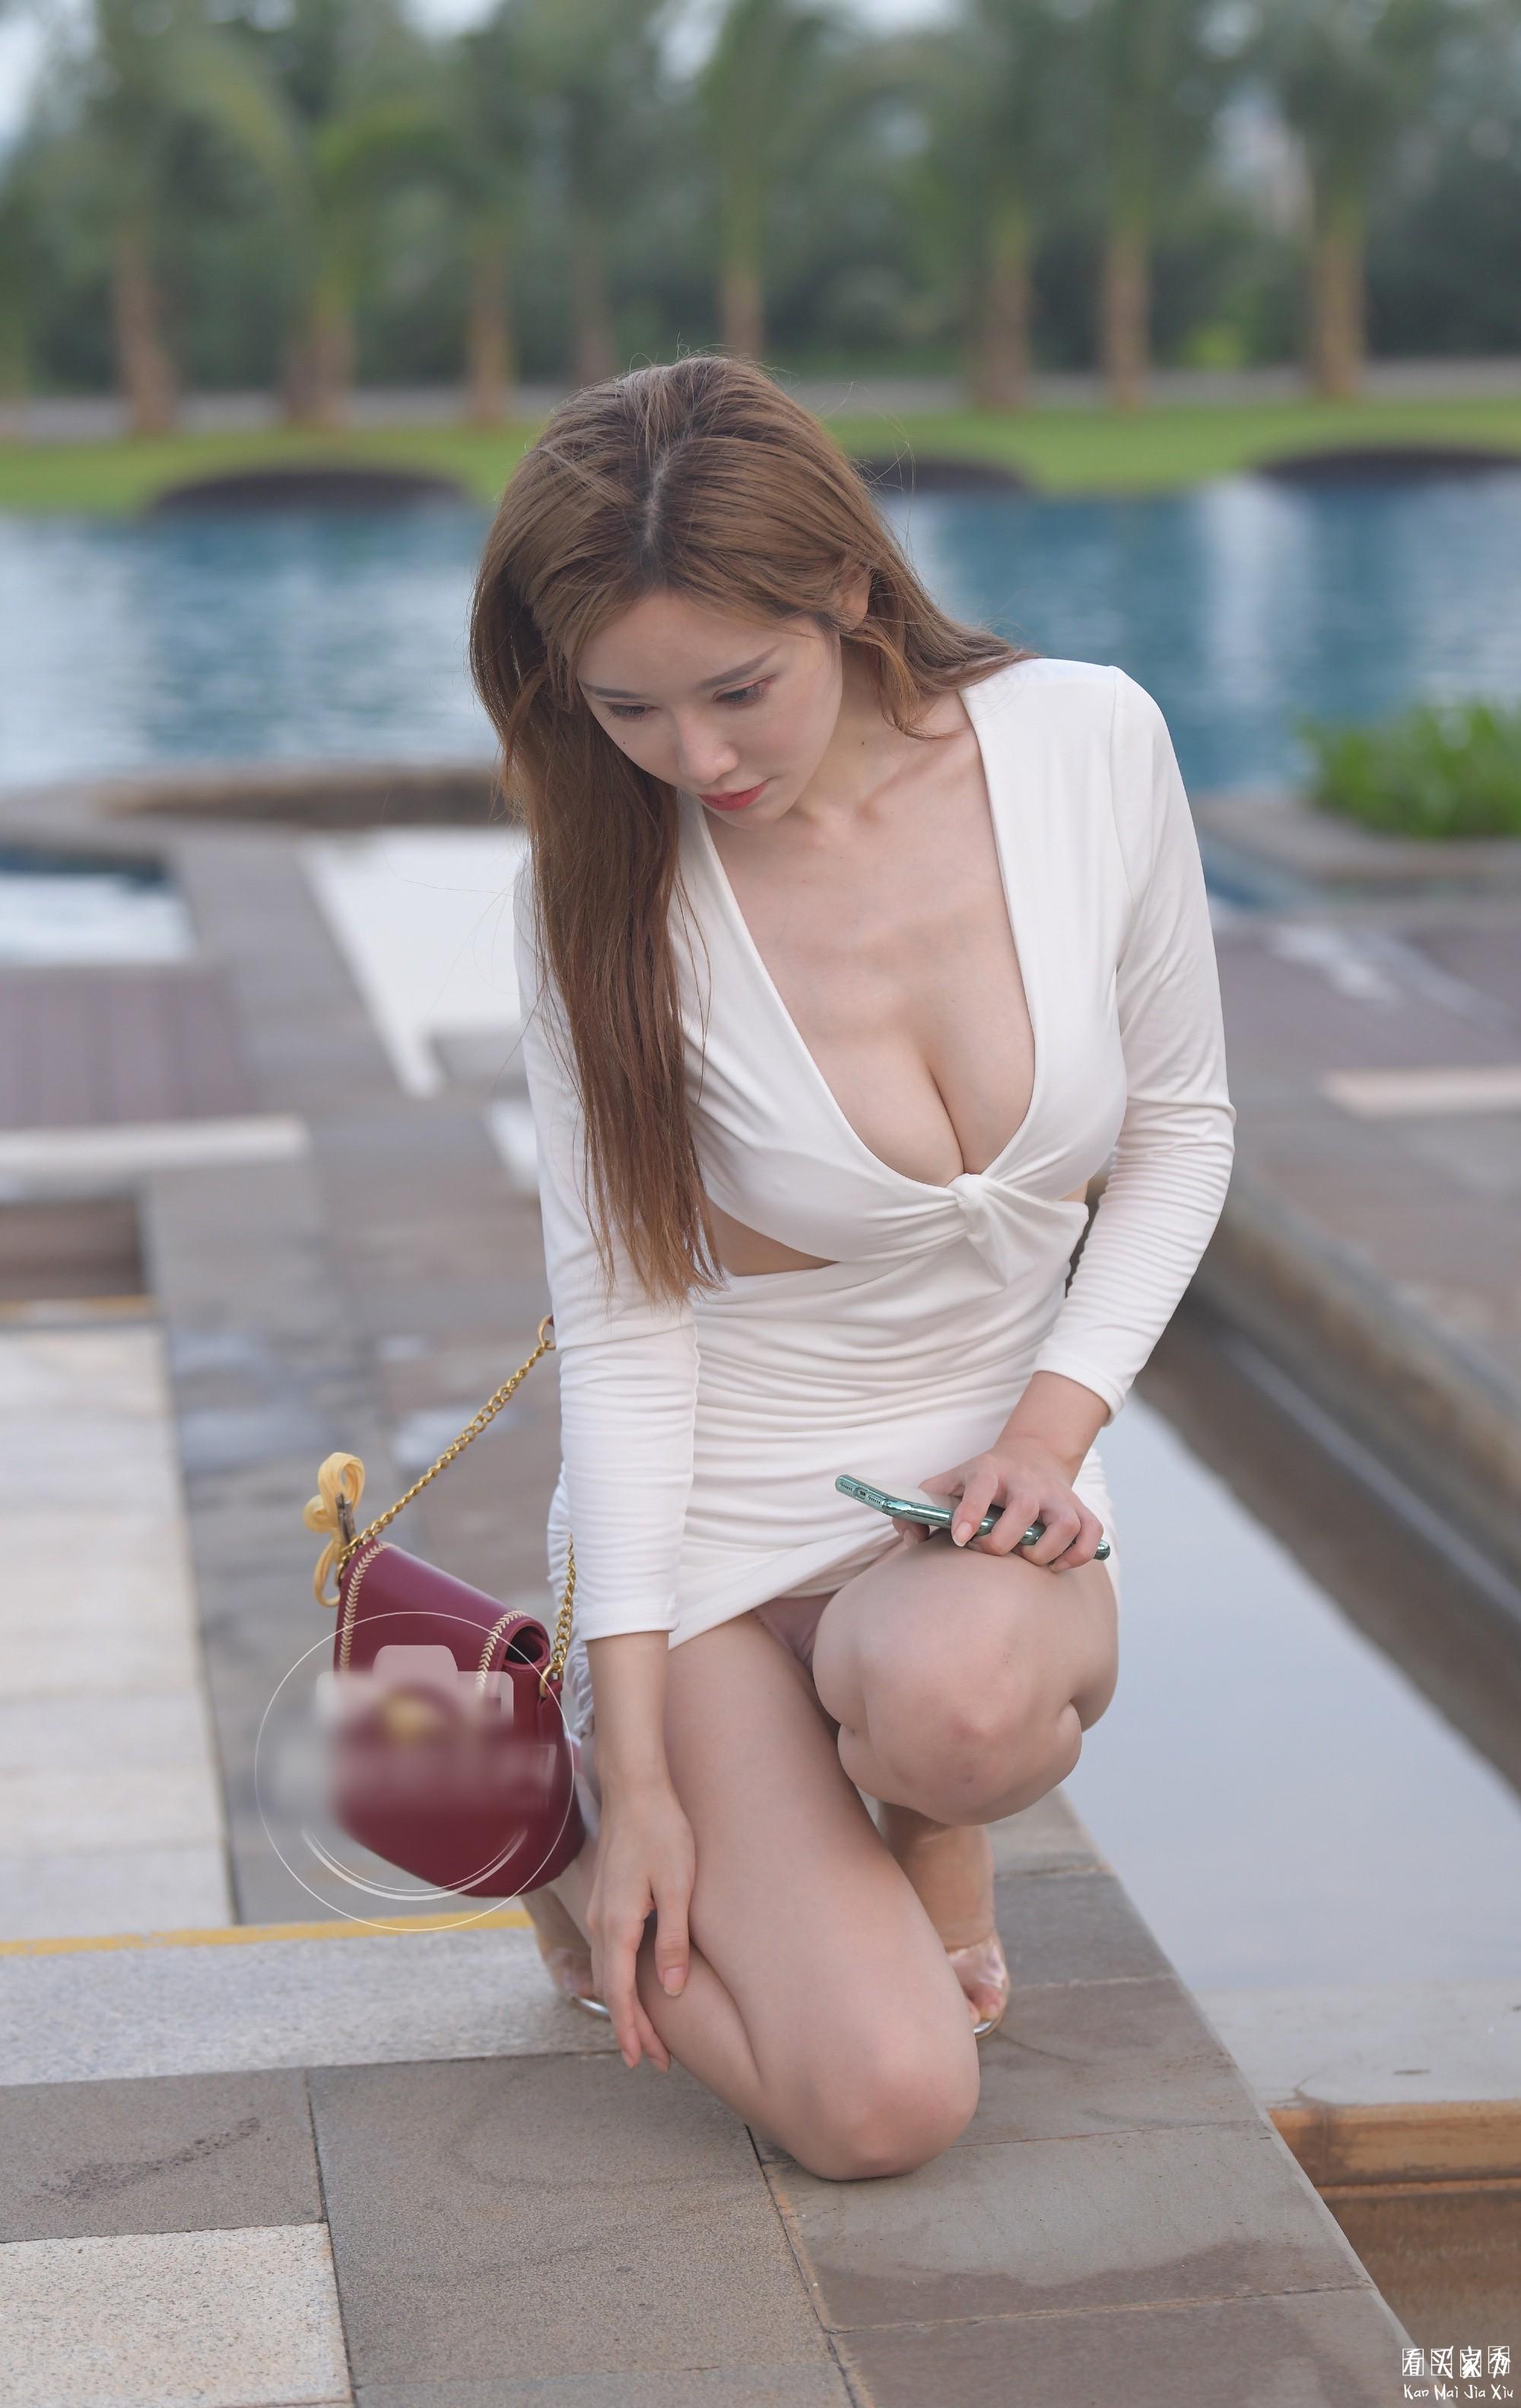 [街拍美女]裙子太短弯腰露胸,内裤清晰可见,臀部完全包不住